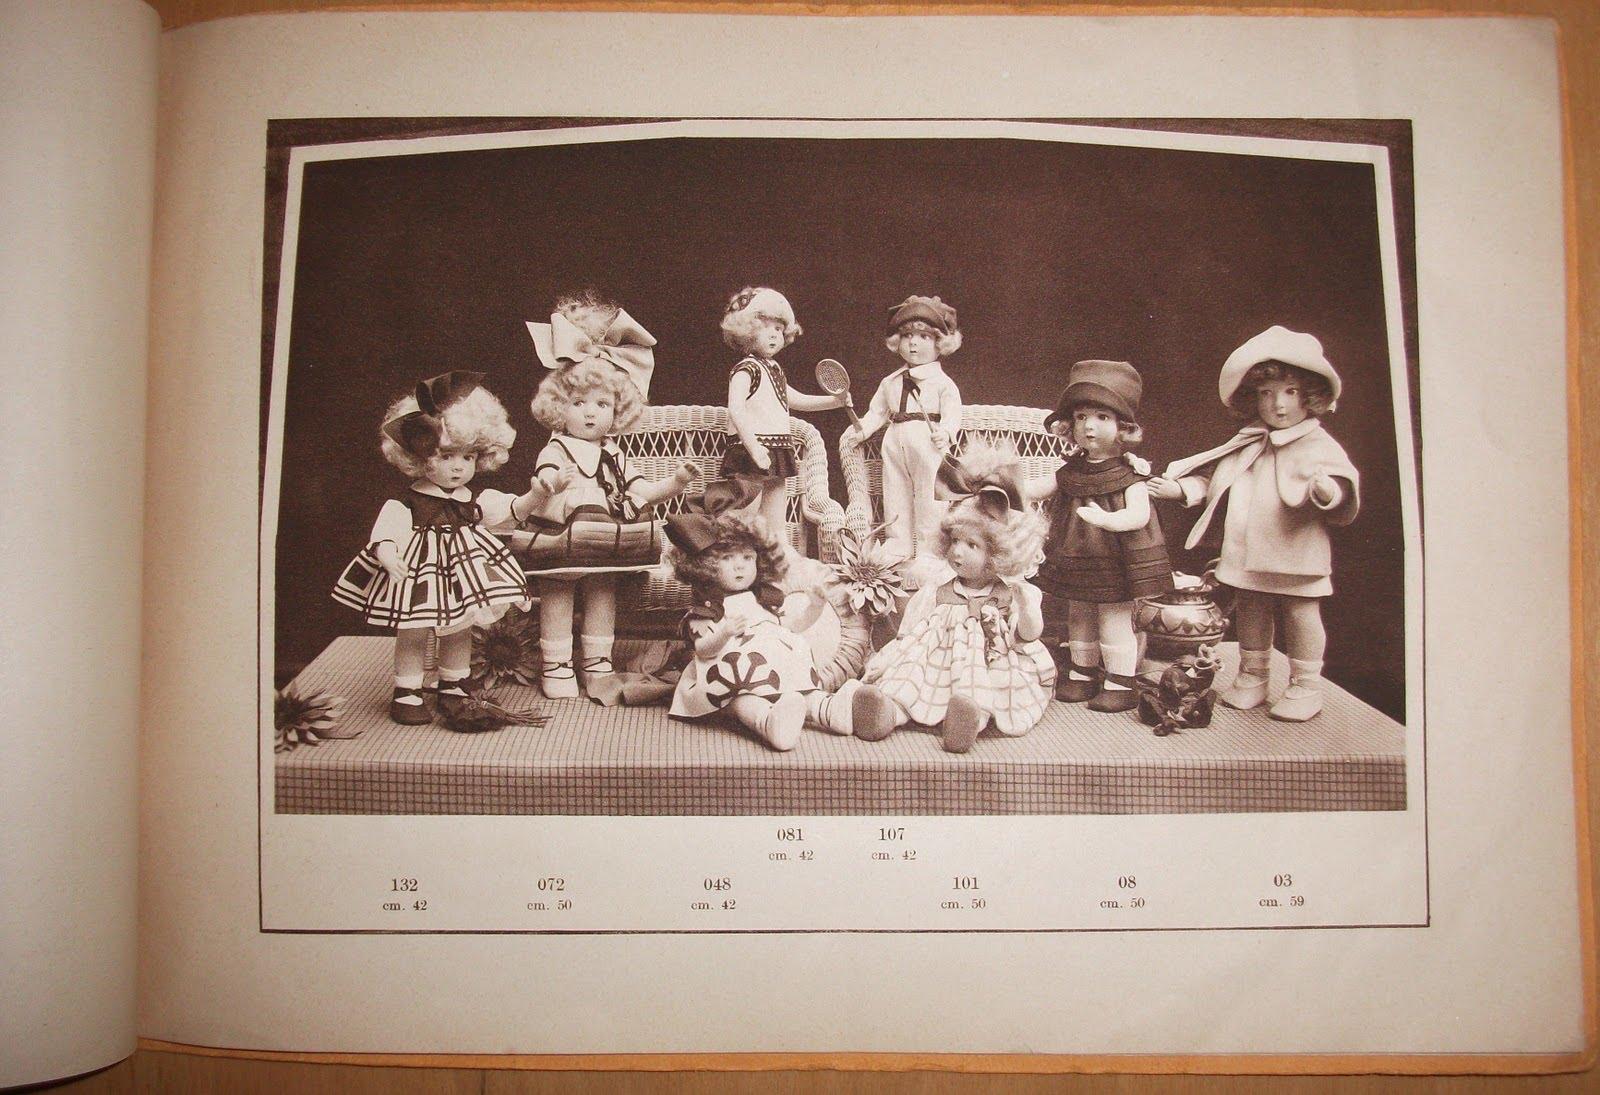 new arrival 854f0 2f44e Bambole antiche & altre collezioni - Antique dolls & other ...